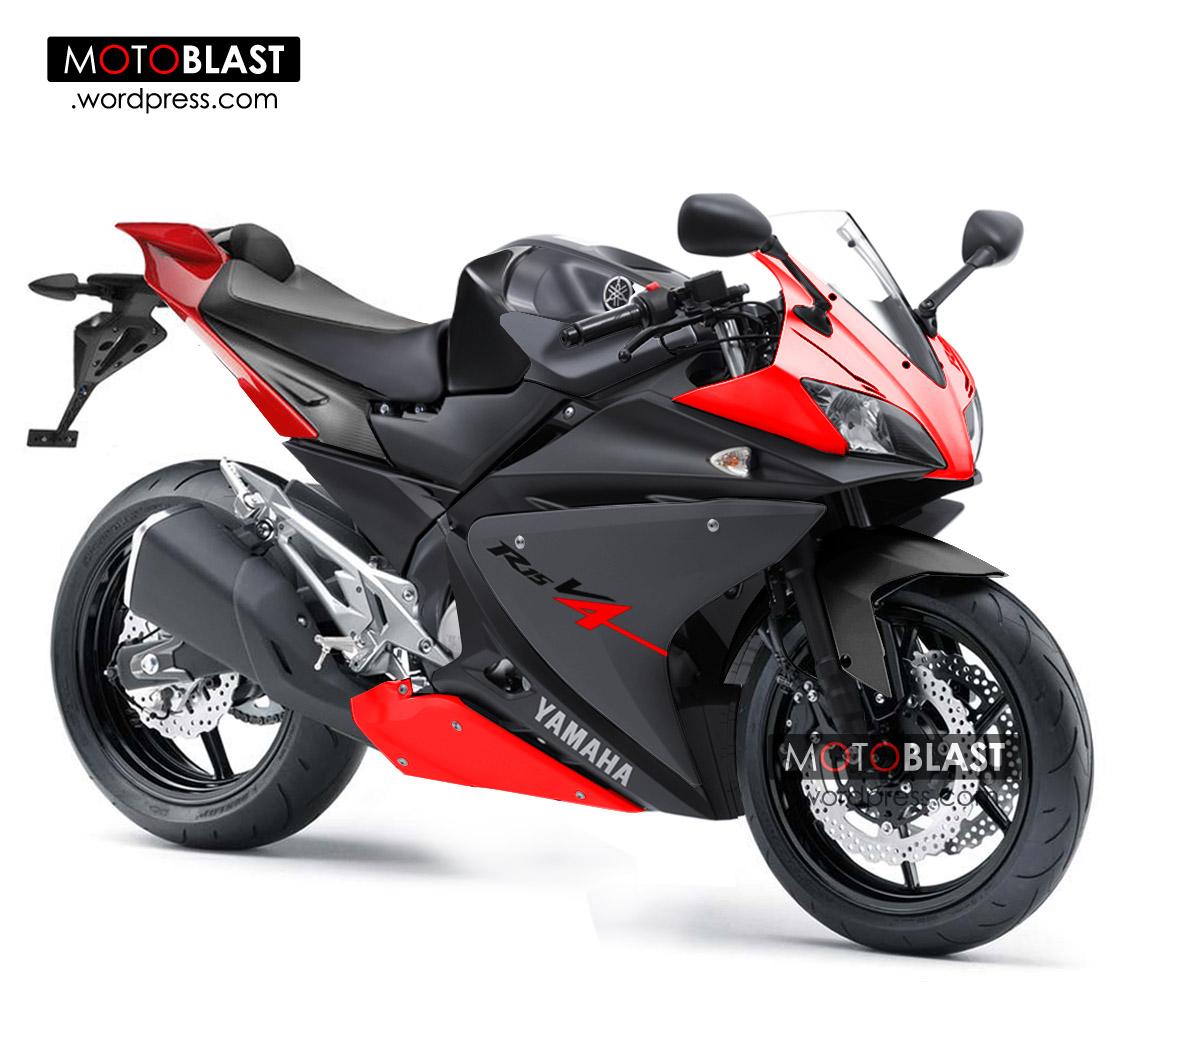 Yamaha Luncurkan Motor 250cc Terbaru, Harga Rp26 Jutaan